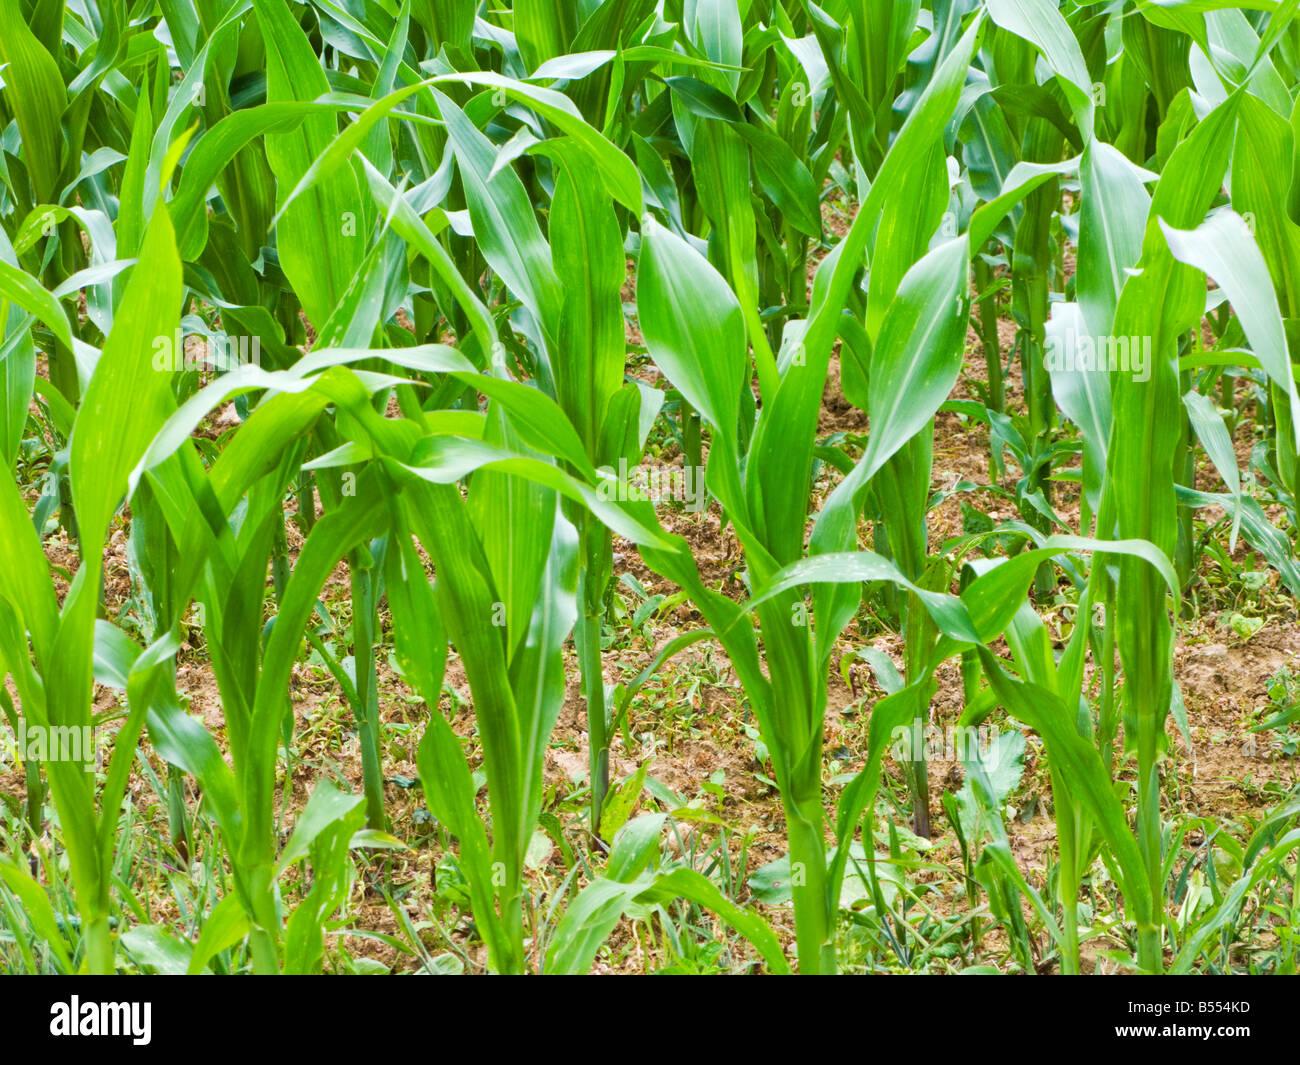 Les jeunes plants de maïs en été poussant dans un champ en France Europe Photo Stock